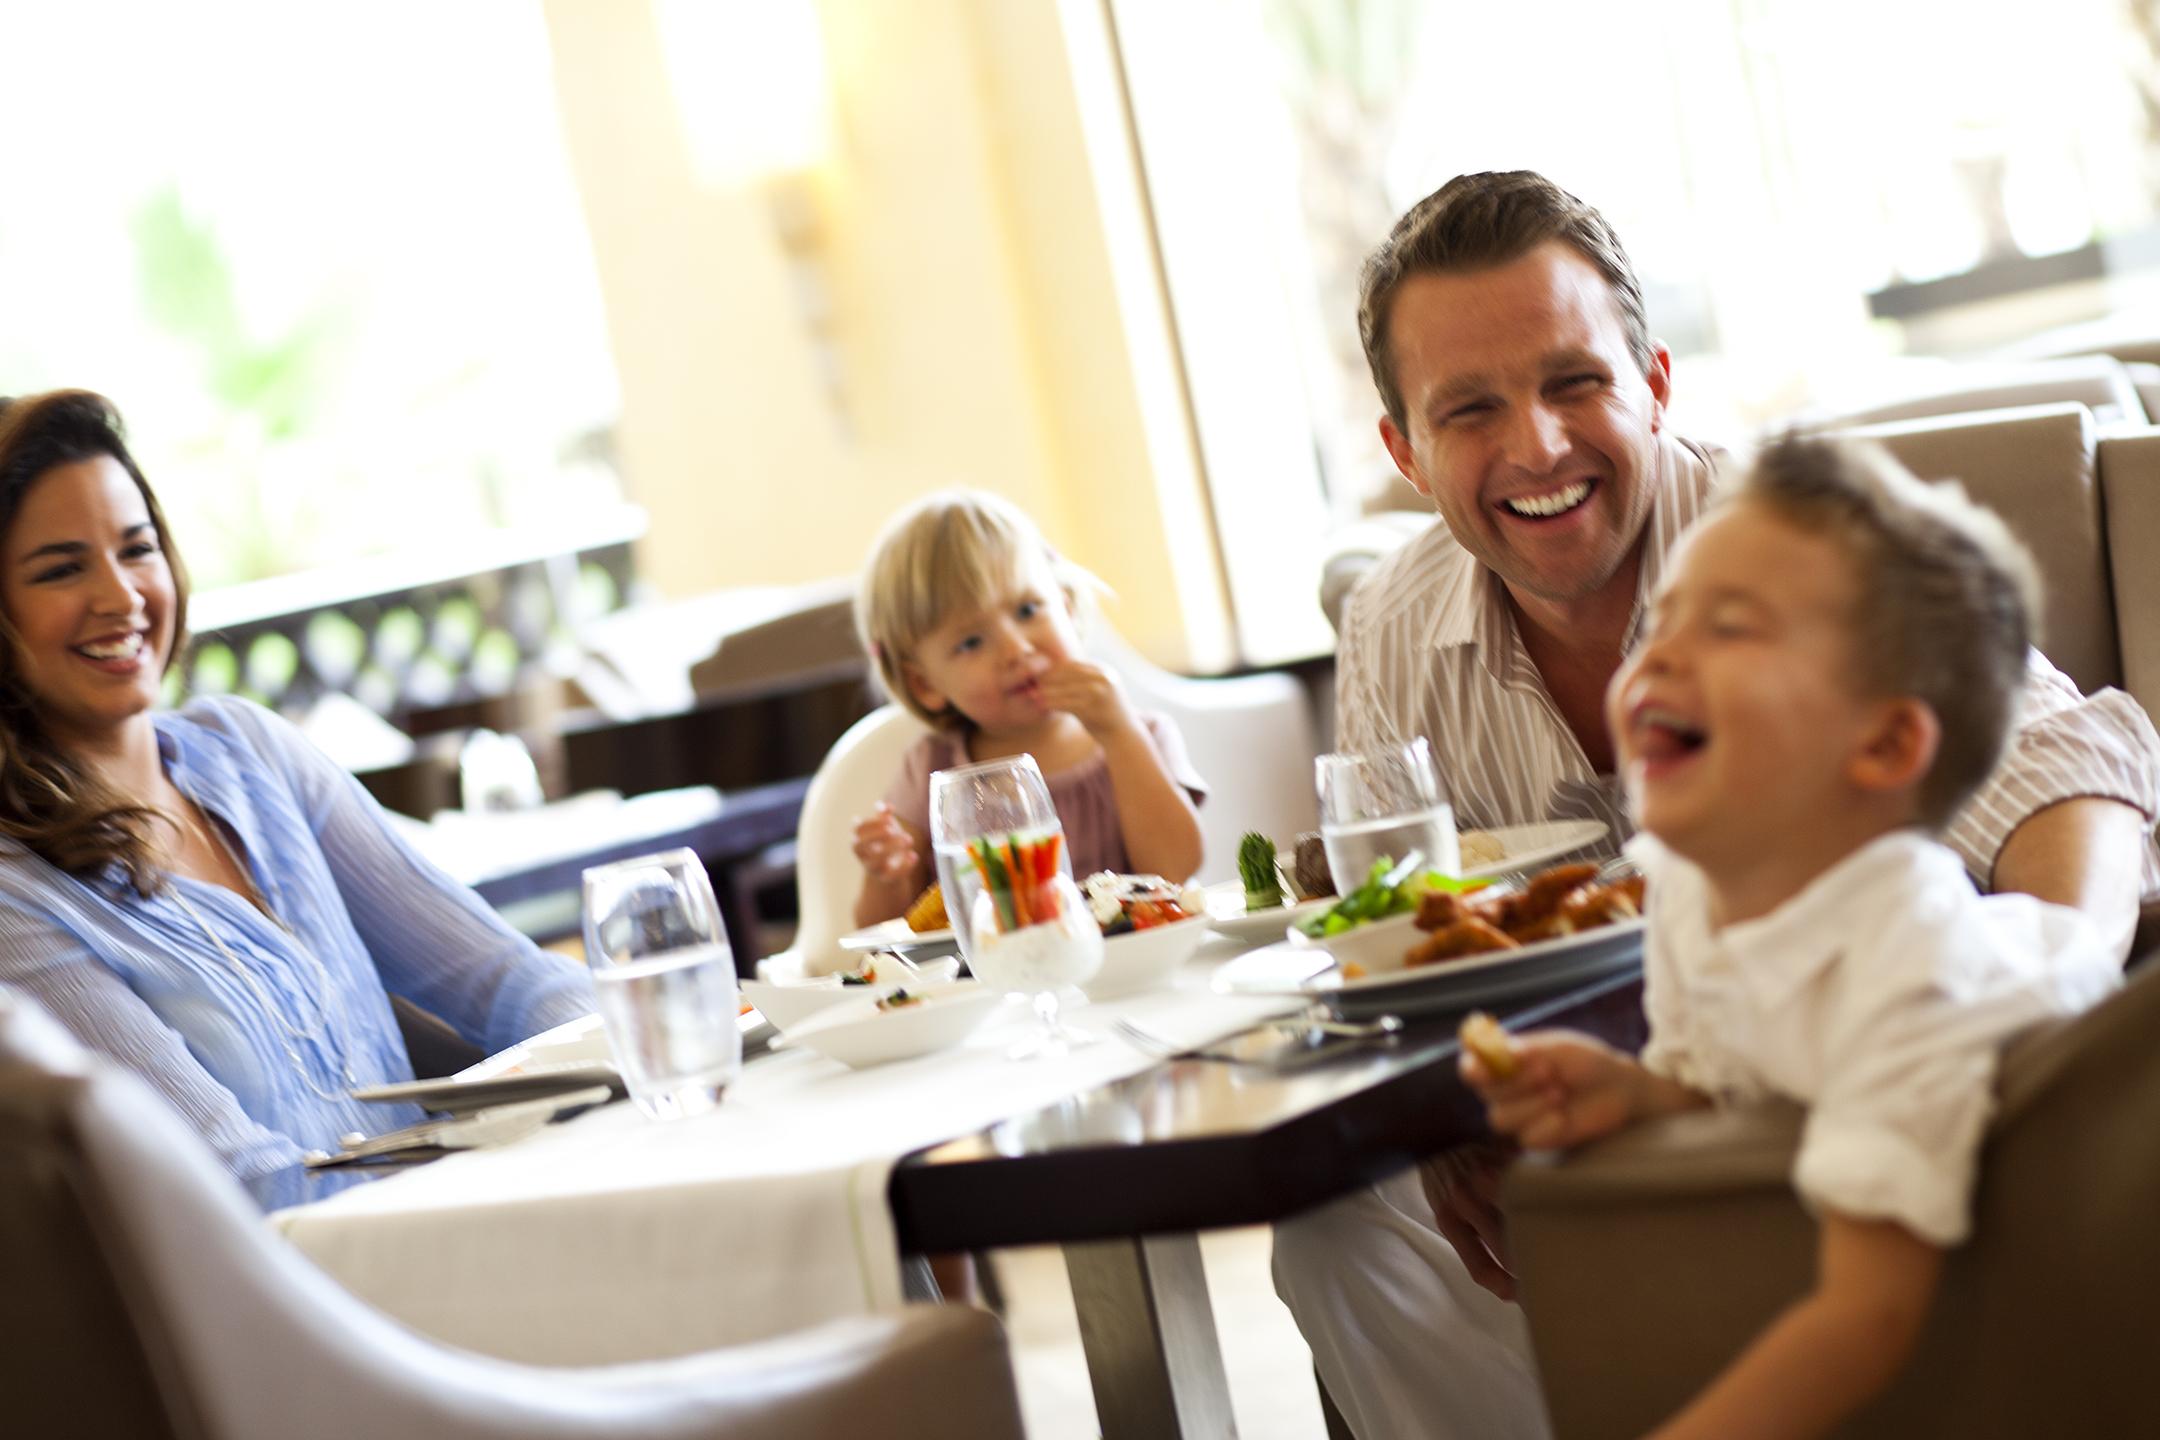 Family_Dining2572.jpg